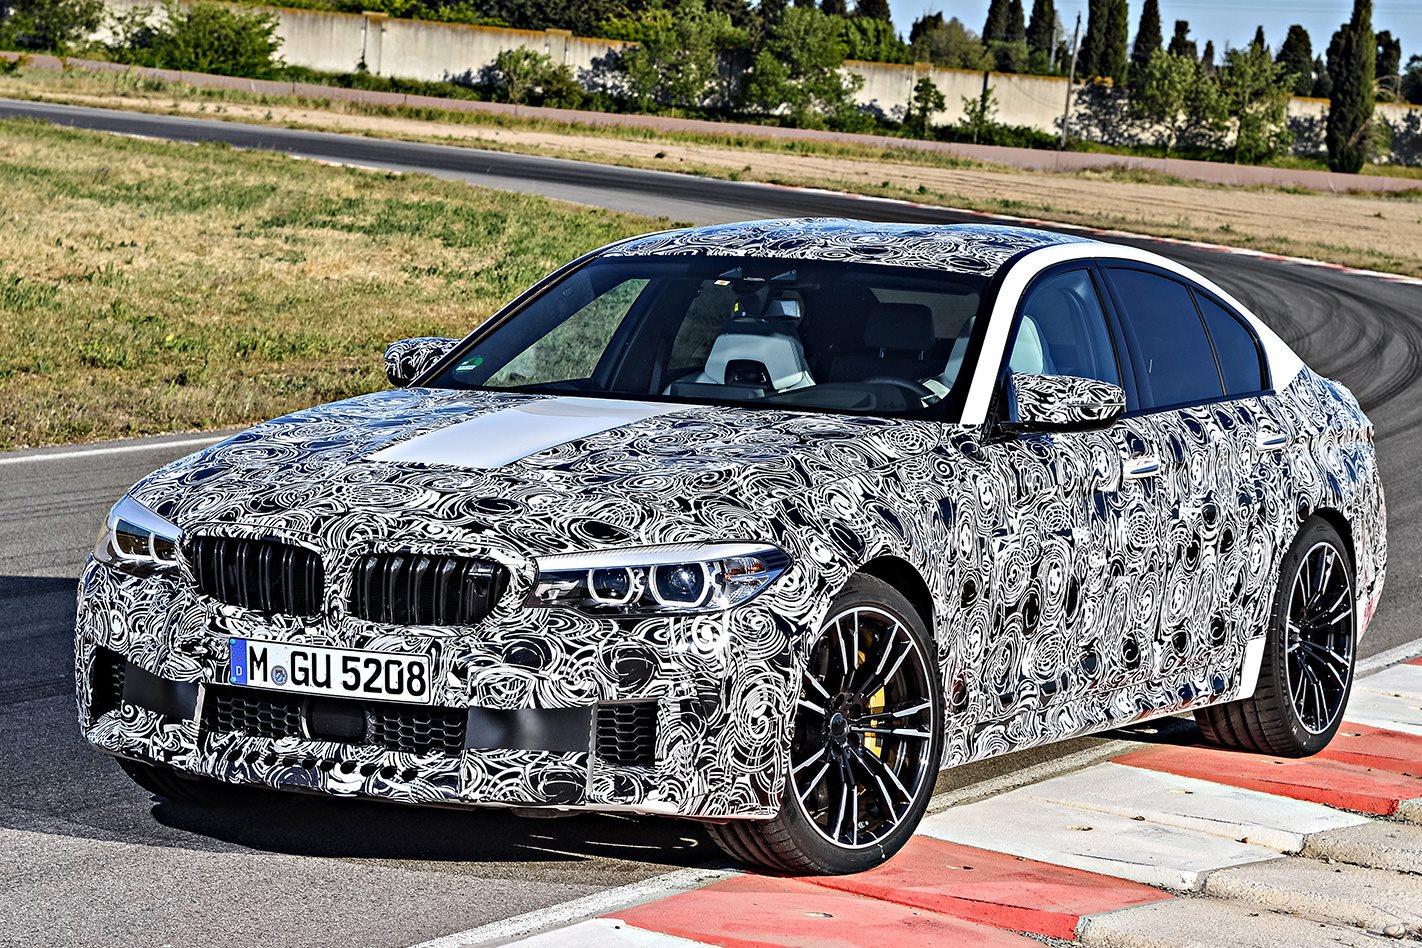 BMW F90 M5 prototype front